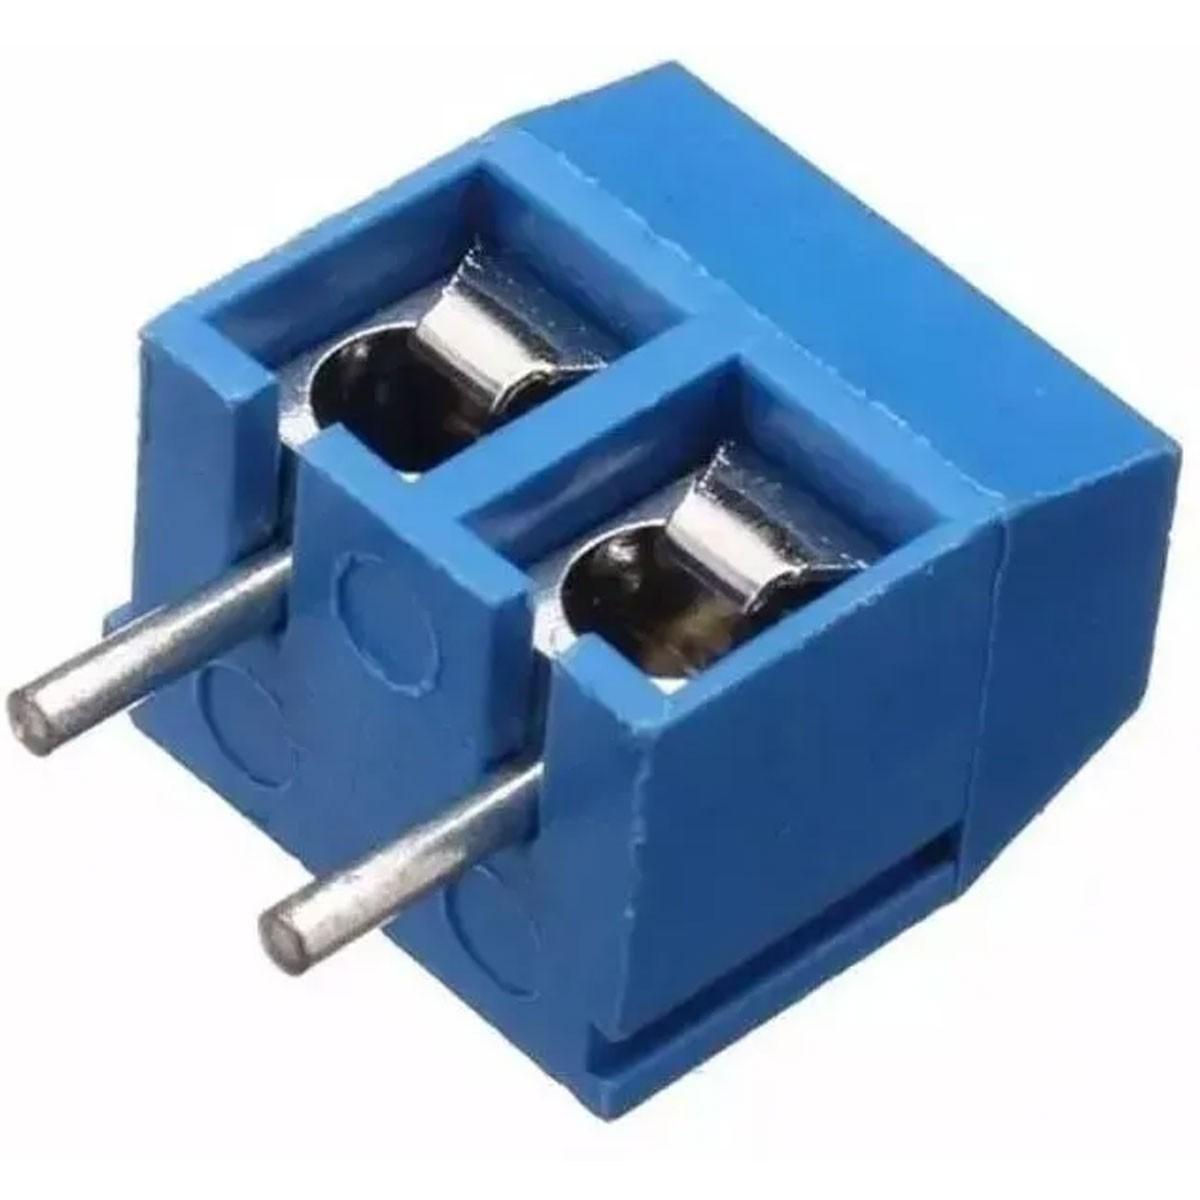 1000x Conector Borne KRE Kf301 2 Vias c/ Parafuso